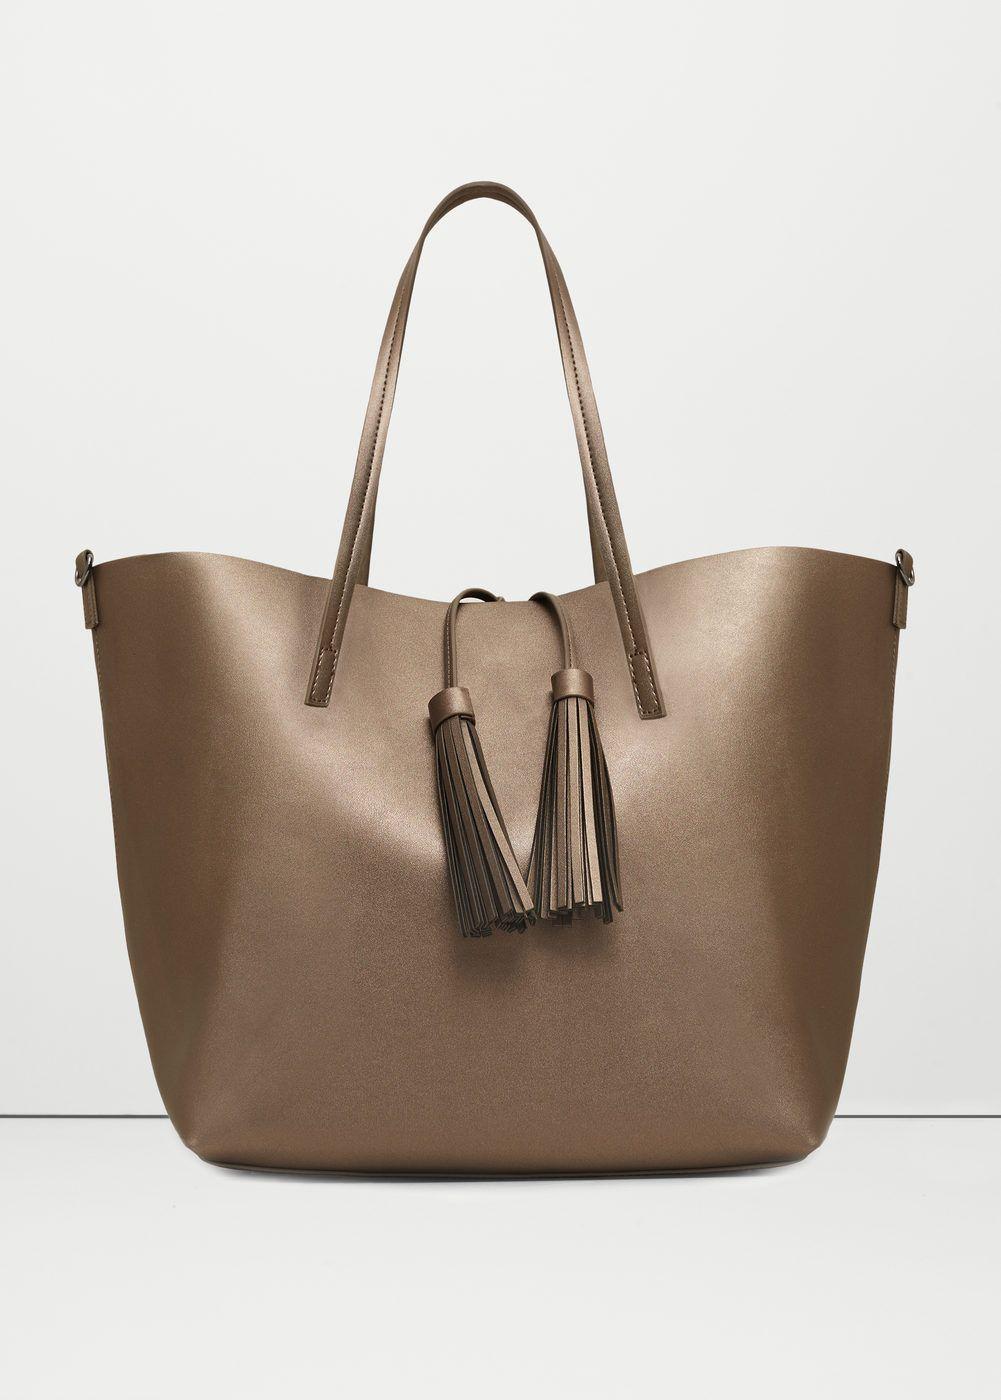 2744525dacd1c Tassel shopper bag - Women in 2019   Womens Tote Bag - iGJ   Bags, Shopper  bag, Womens tote bags